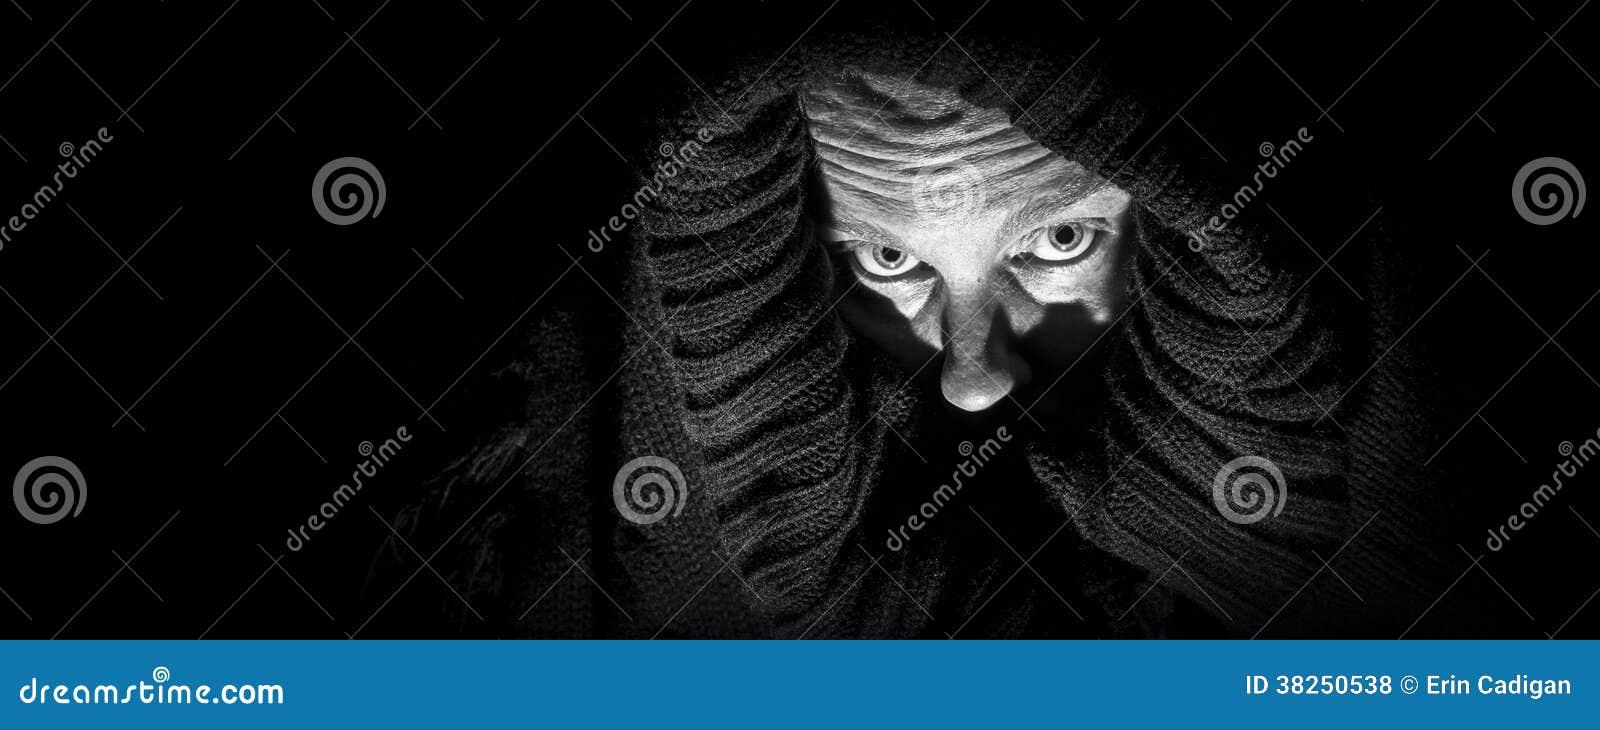 Τρομακτική γυναίκα στο σάβανο, πανόραμα